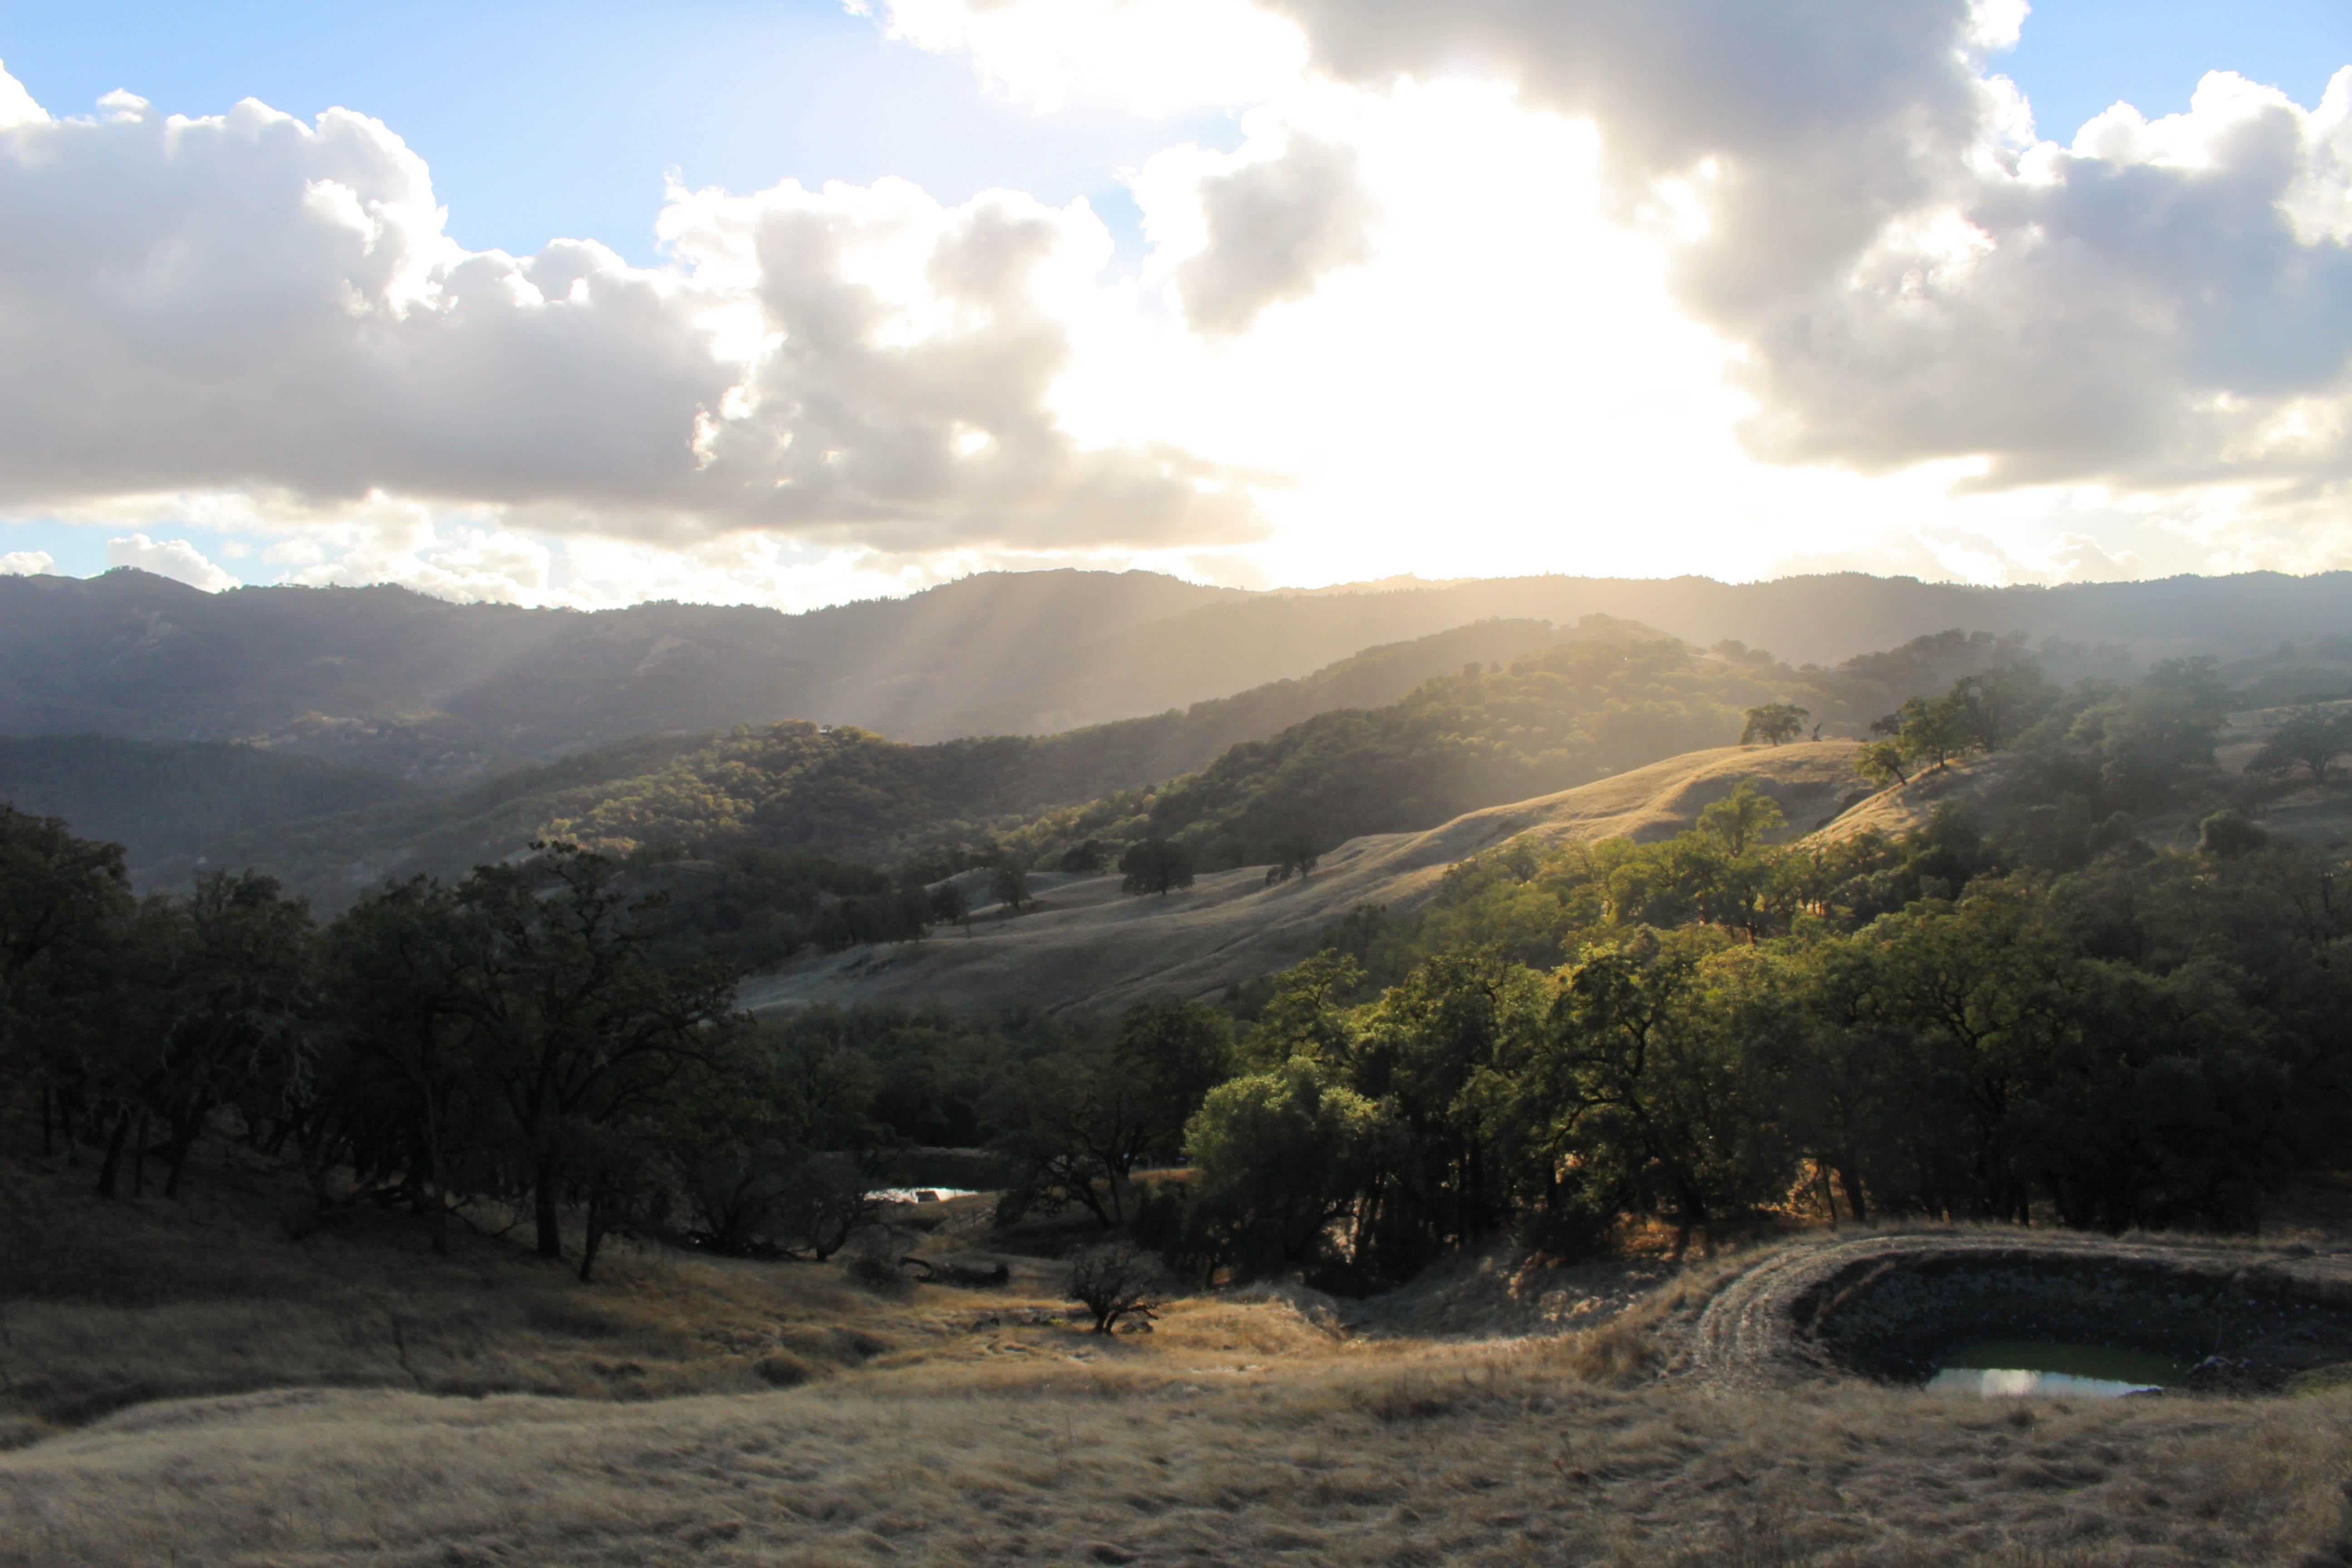 Ukiah, Mendocino, California